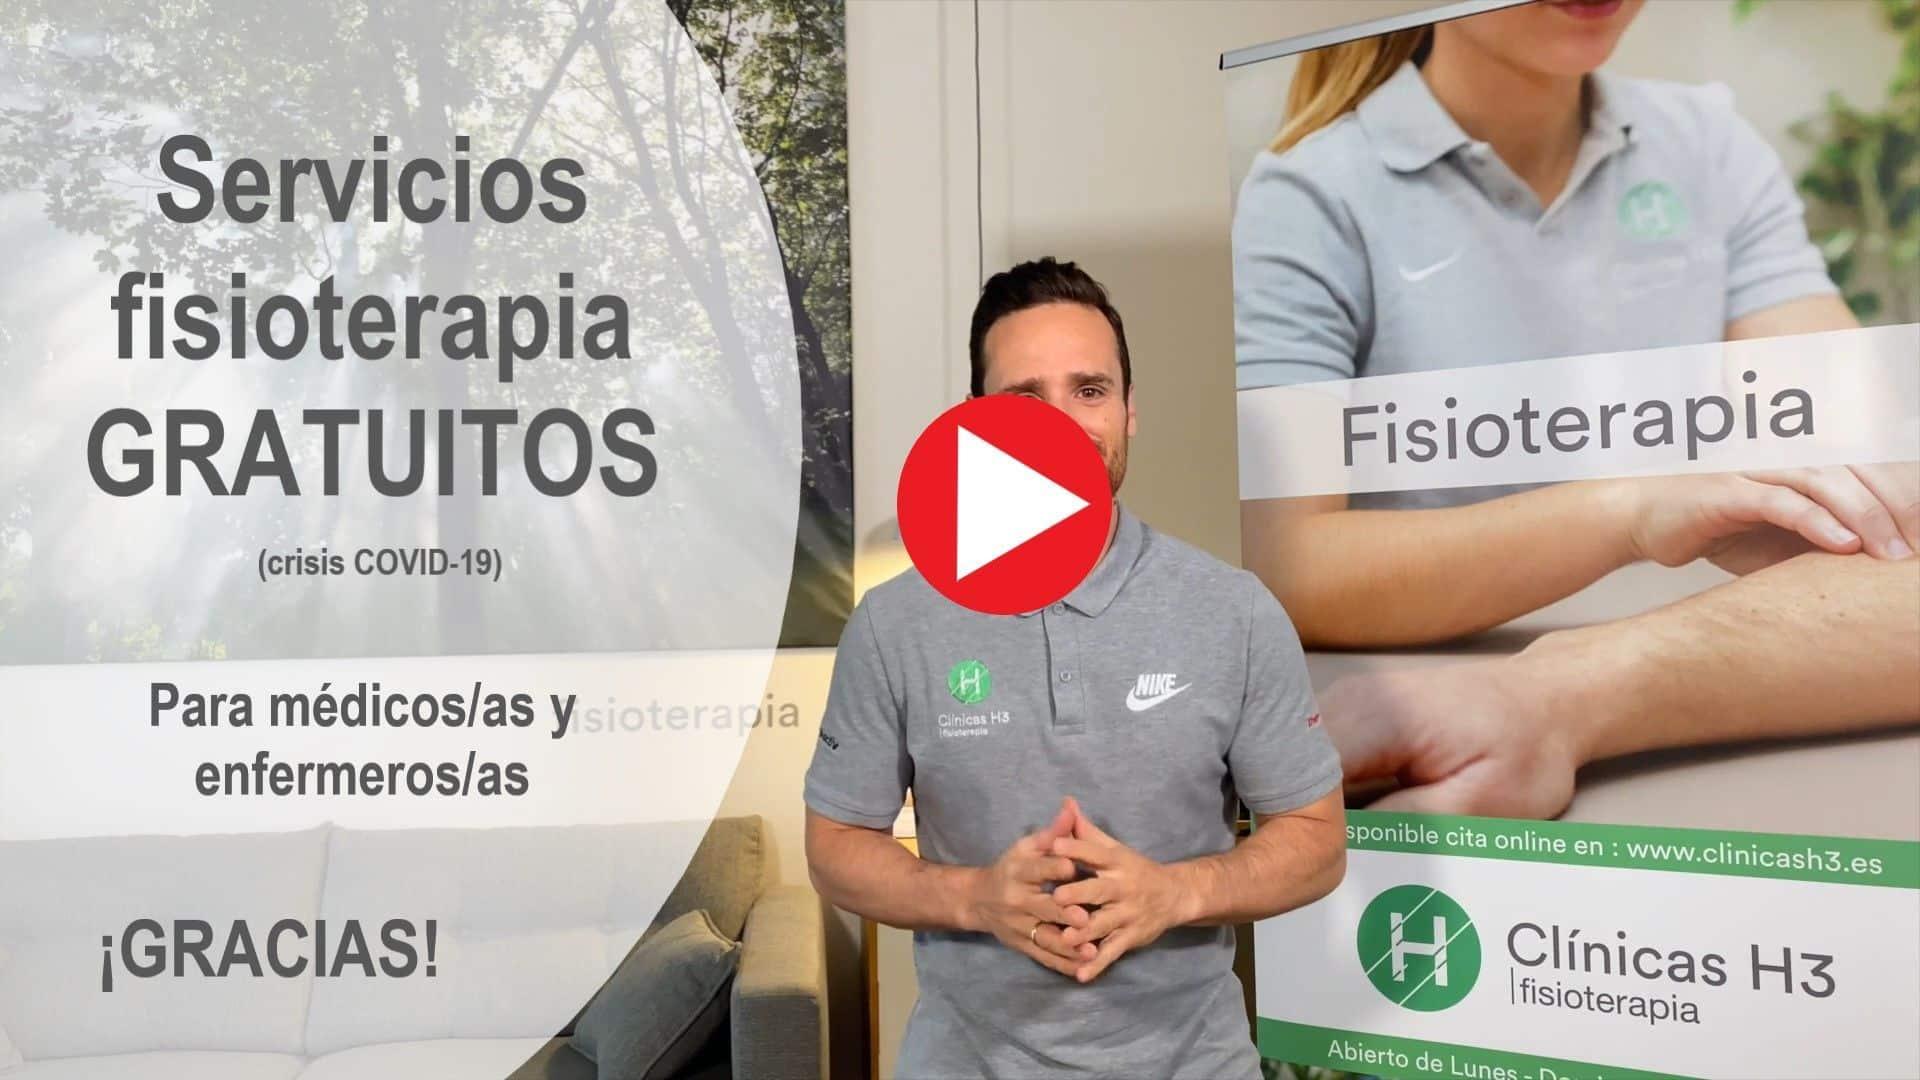 Servicios gratuitos de fisioterapia a medicos y enfermeros - crisis covid19